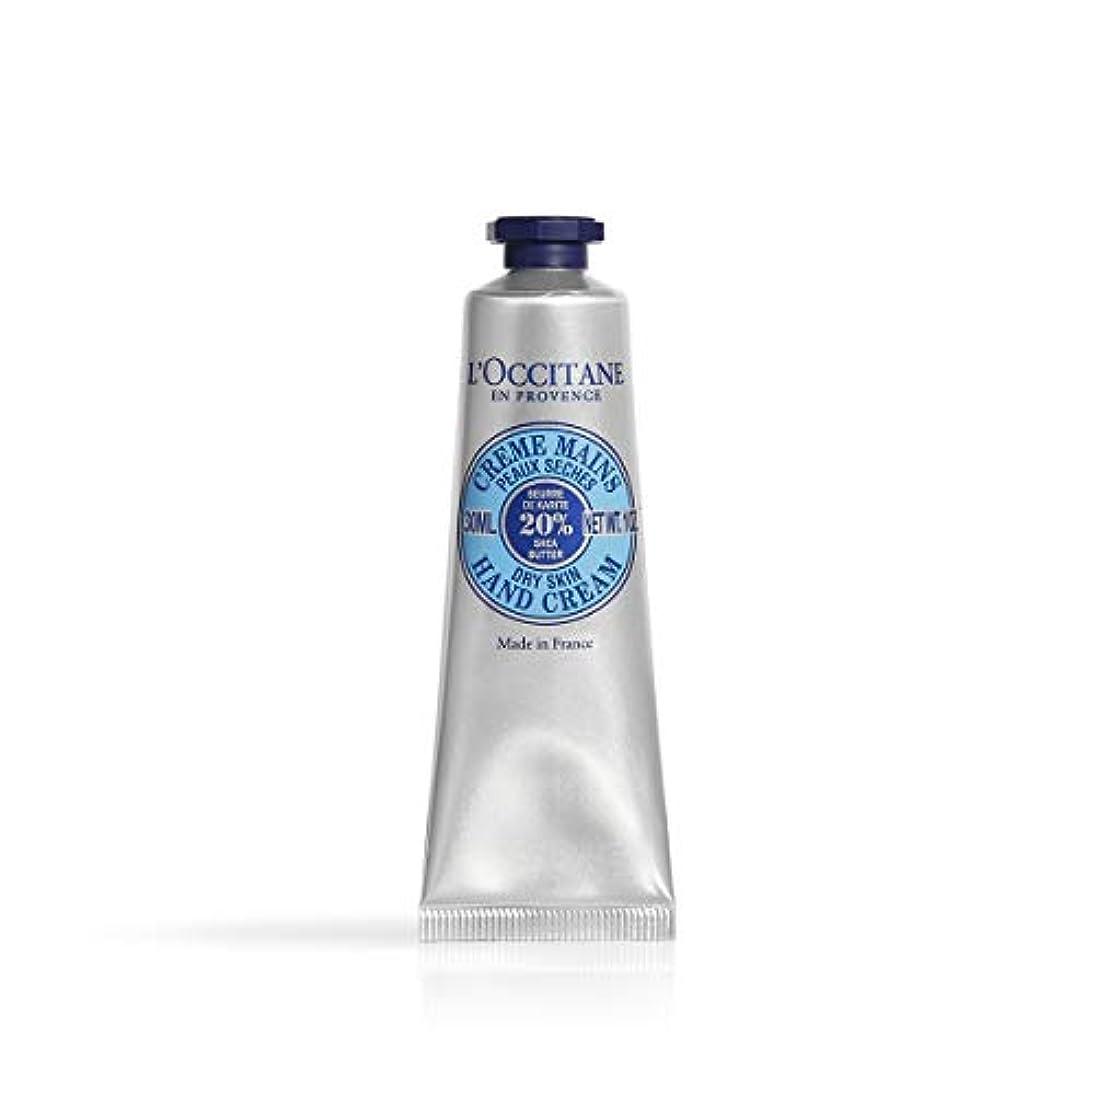 原油メンター消費するロクシタン(L'OCCITANE) シア ハンドクリーム 30ml